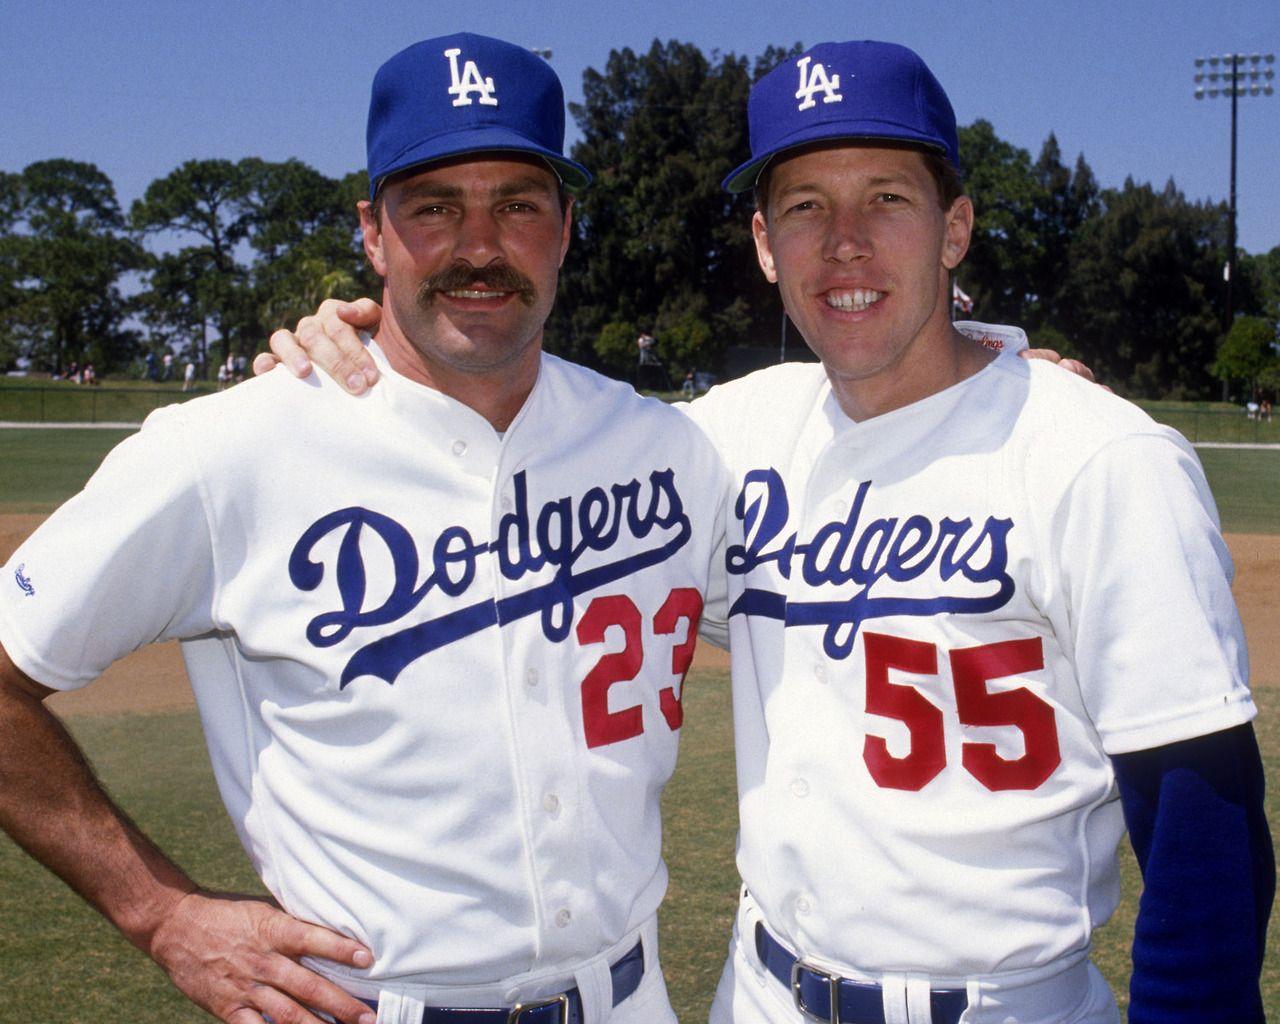 Kirk Gibson And Orel Hershiser Pose During Spring Training At Dodgertown In Vero Beach Florida 1989 Dodgers Baseball Orel Hershiser Dodgers